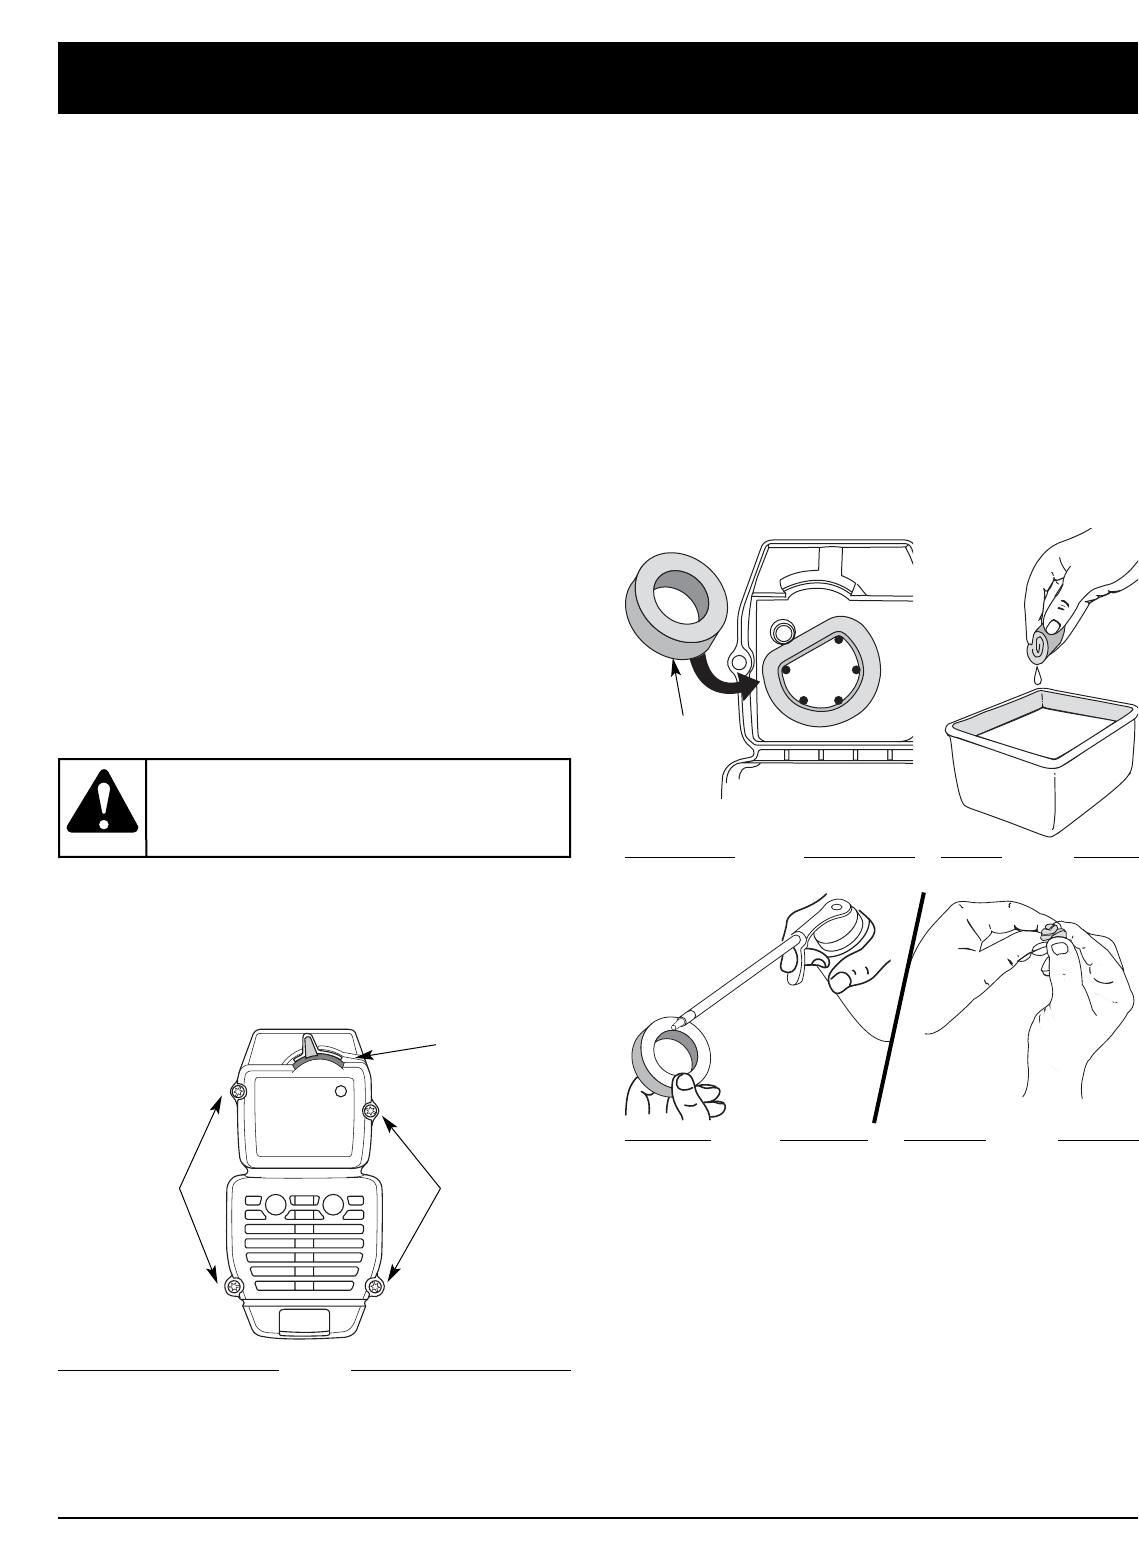 troy bilt trimmer repair manual